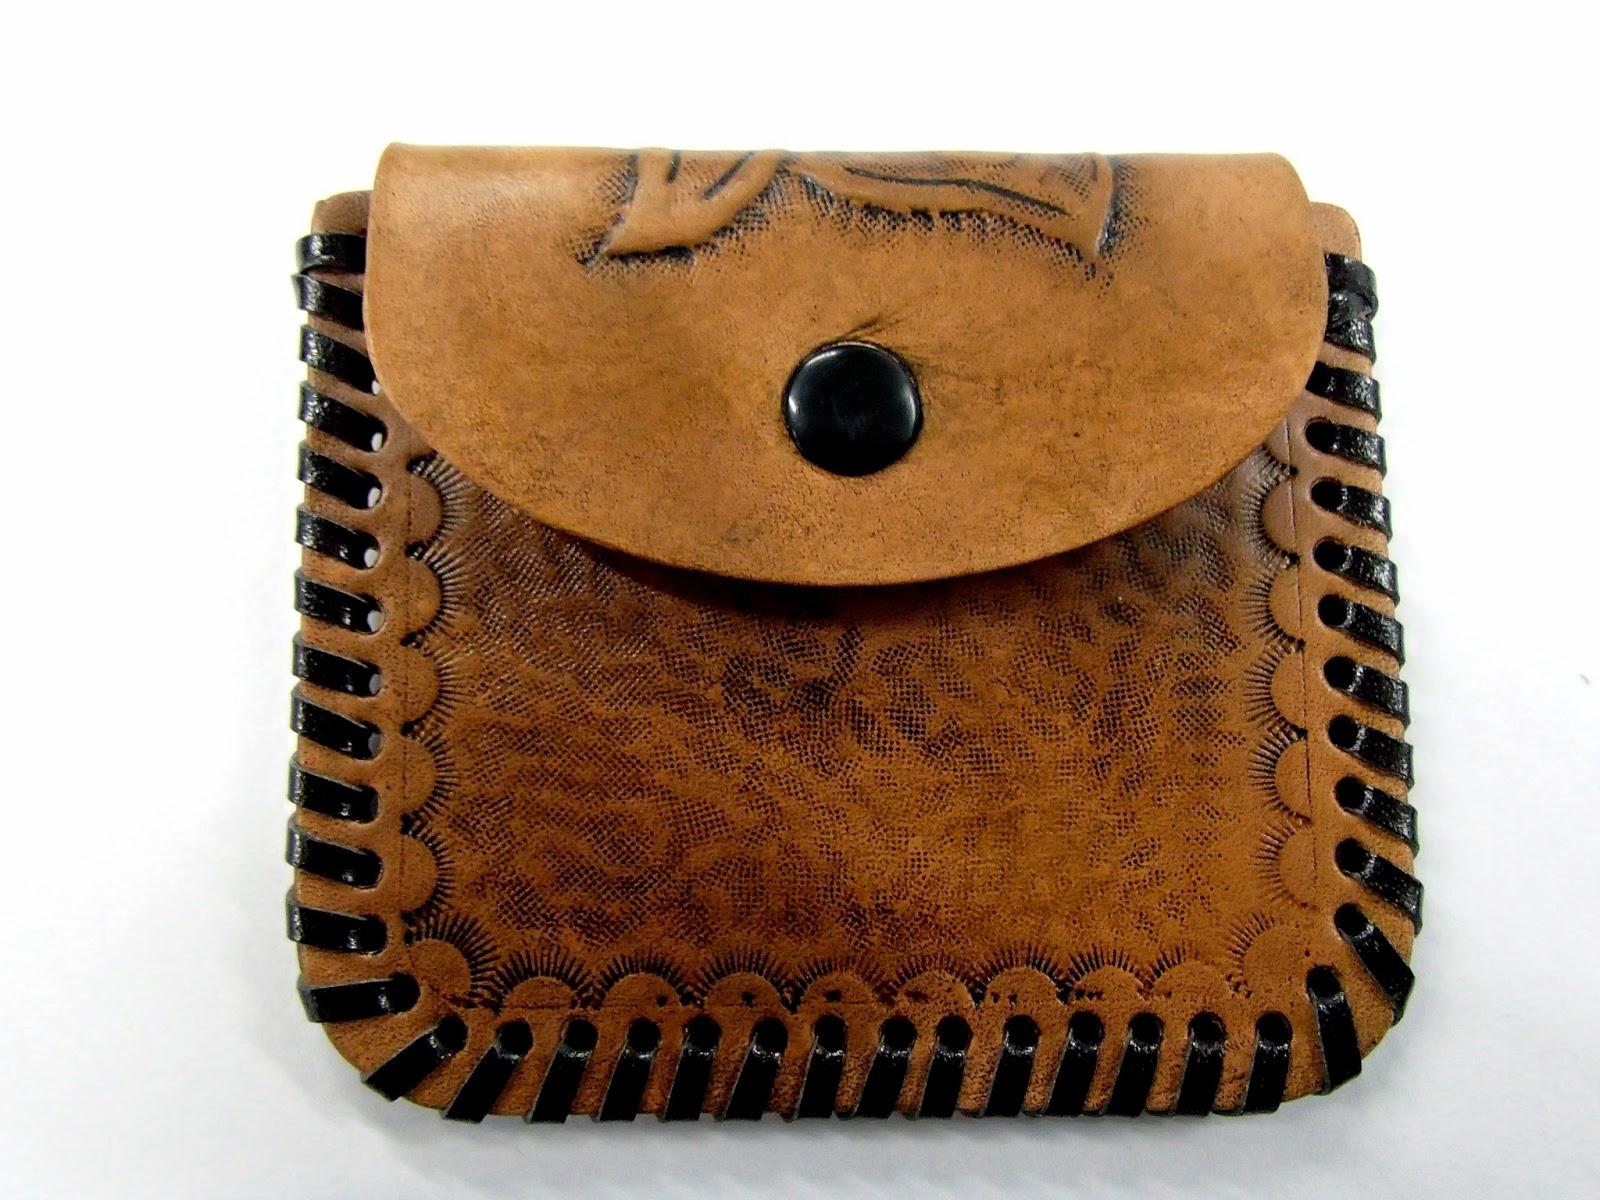 Porte monnaie en cuir vue de face